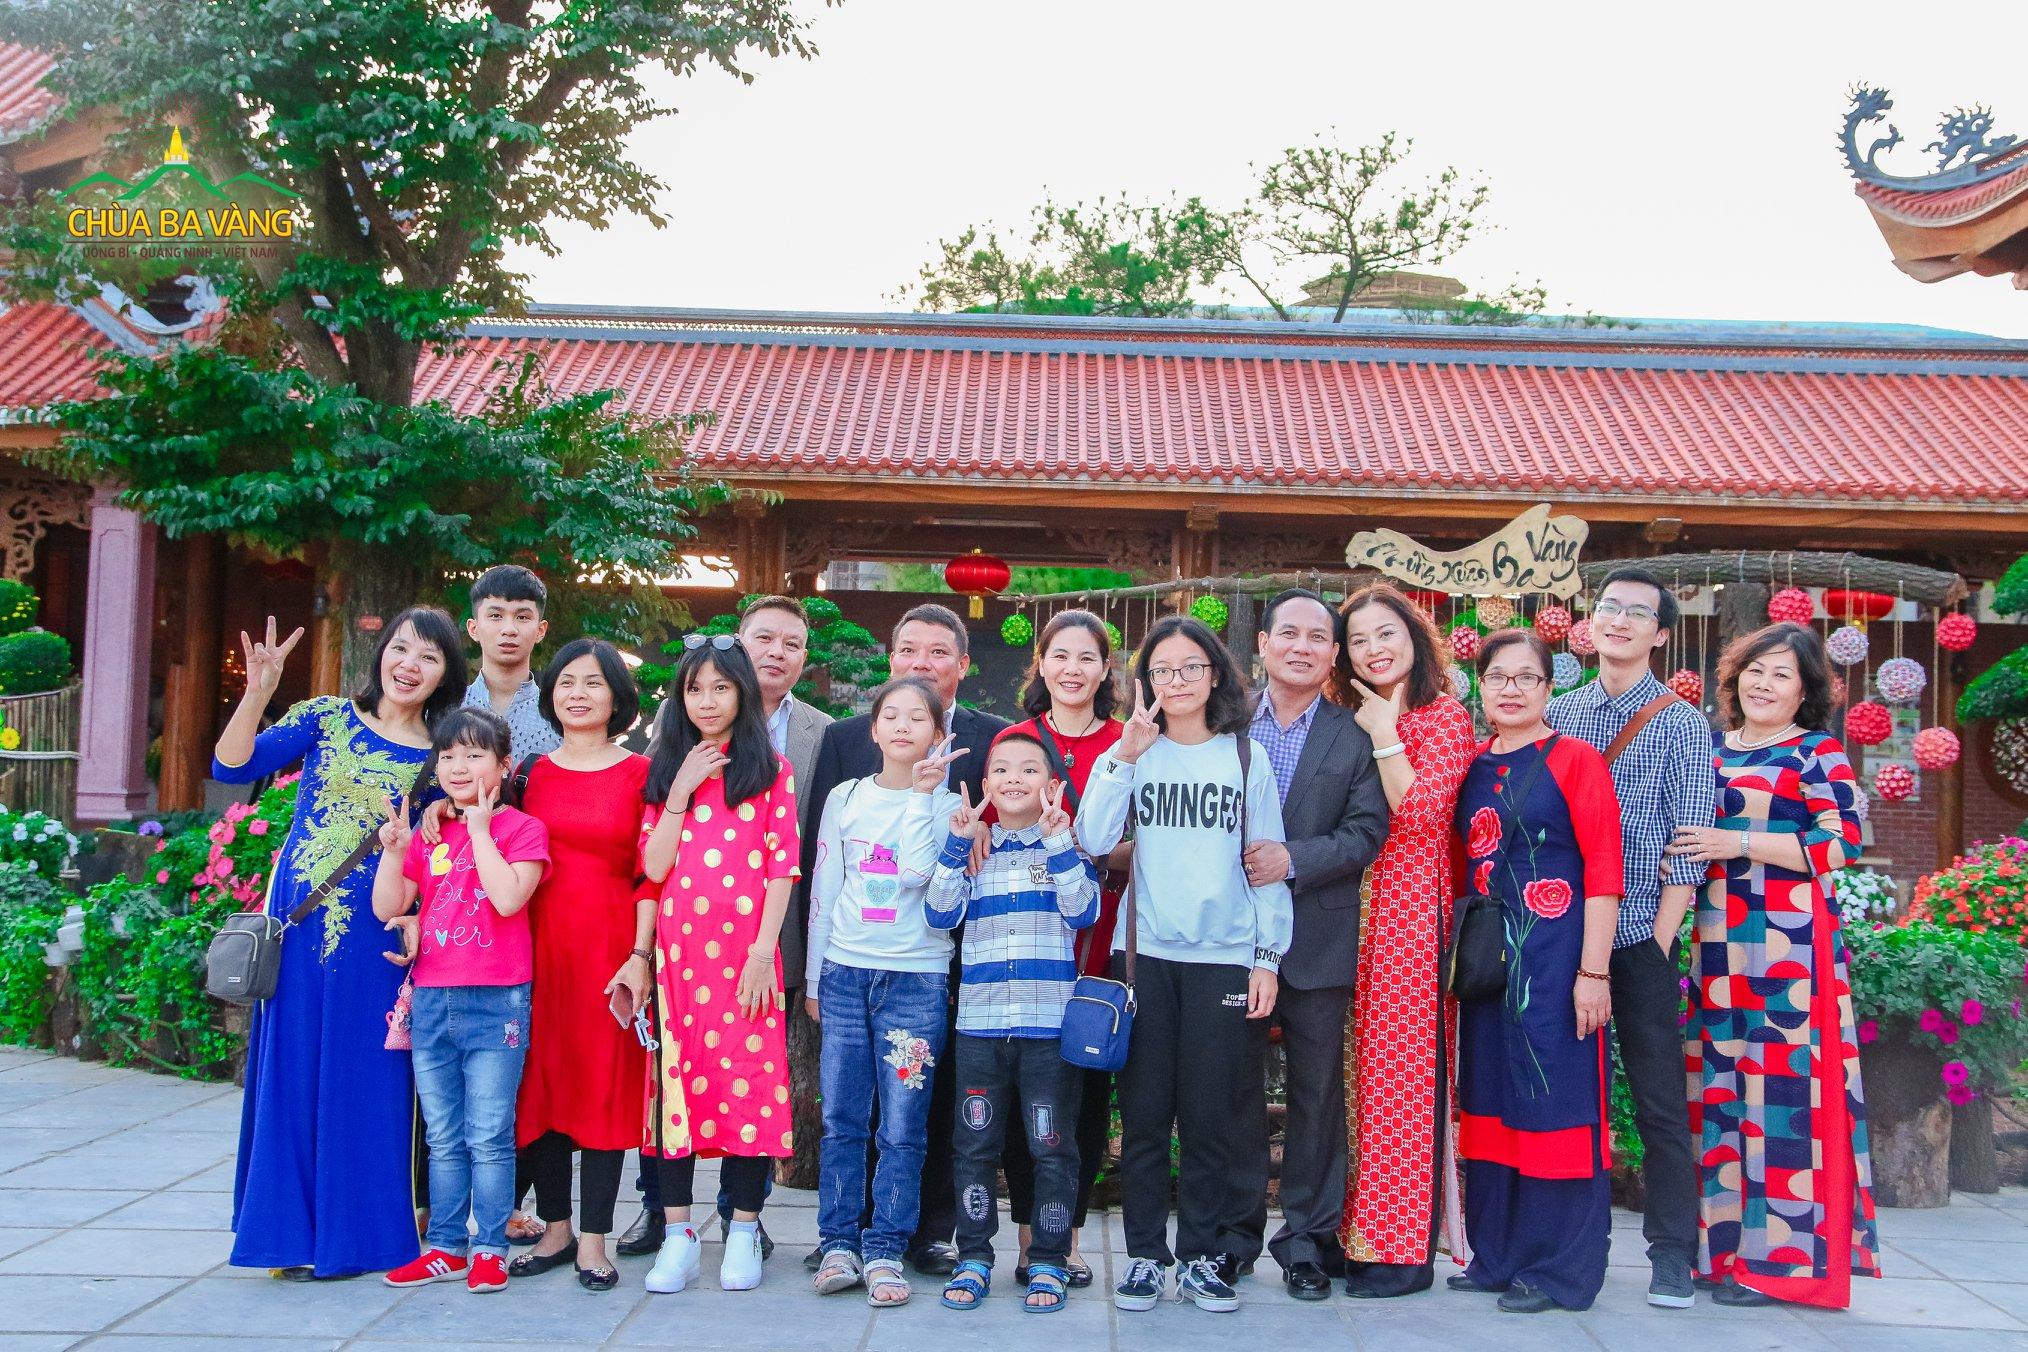 Gia đình vui tươi trong tà áo dài khi lễ chùa đầu năm tại chùa Ba Vàng.